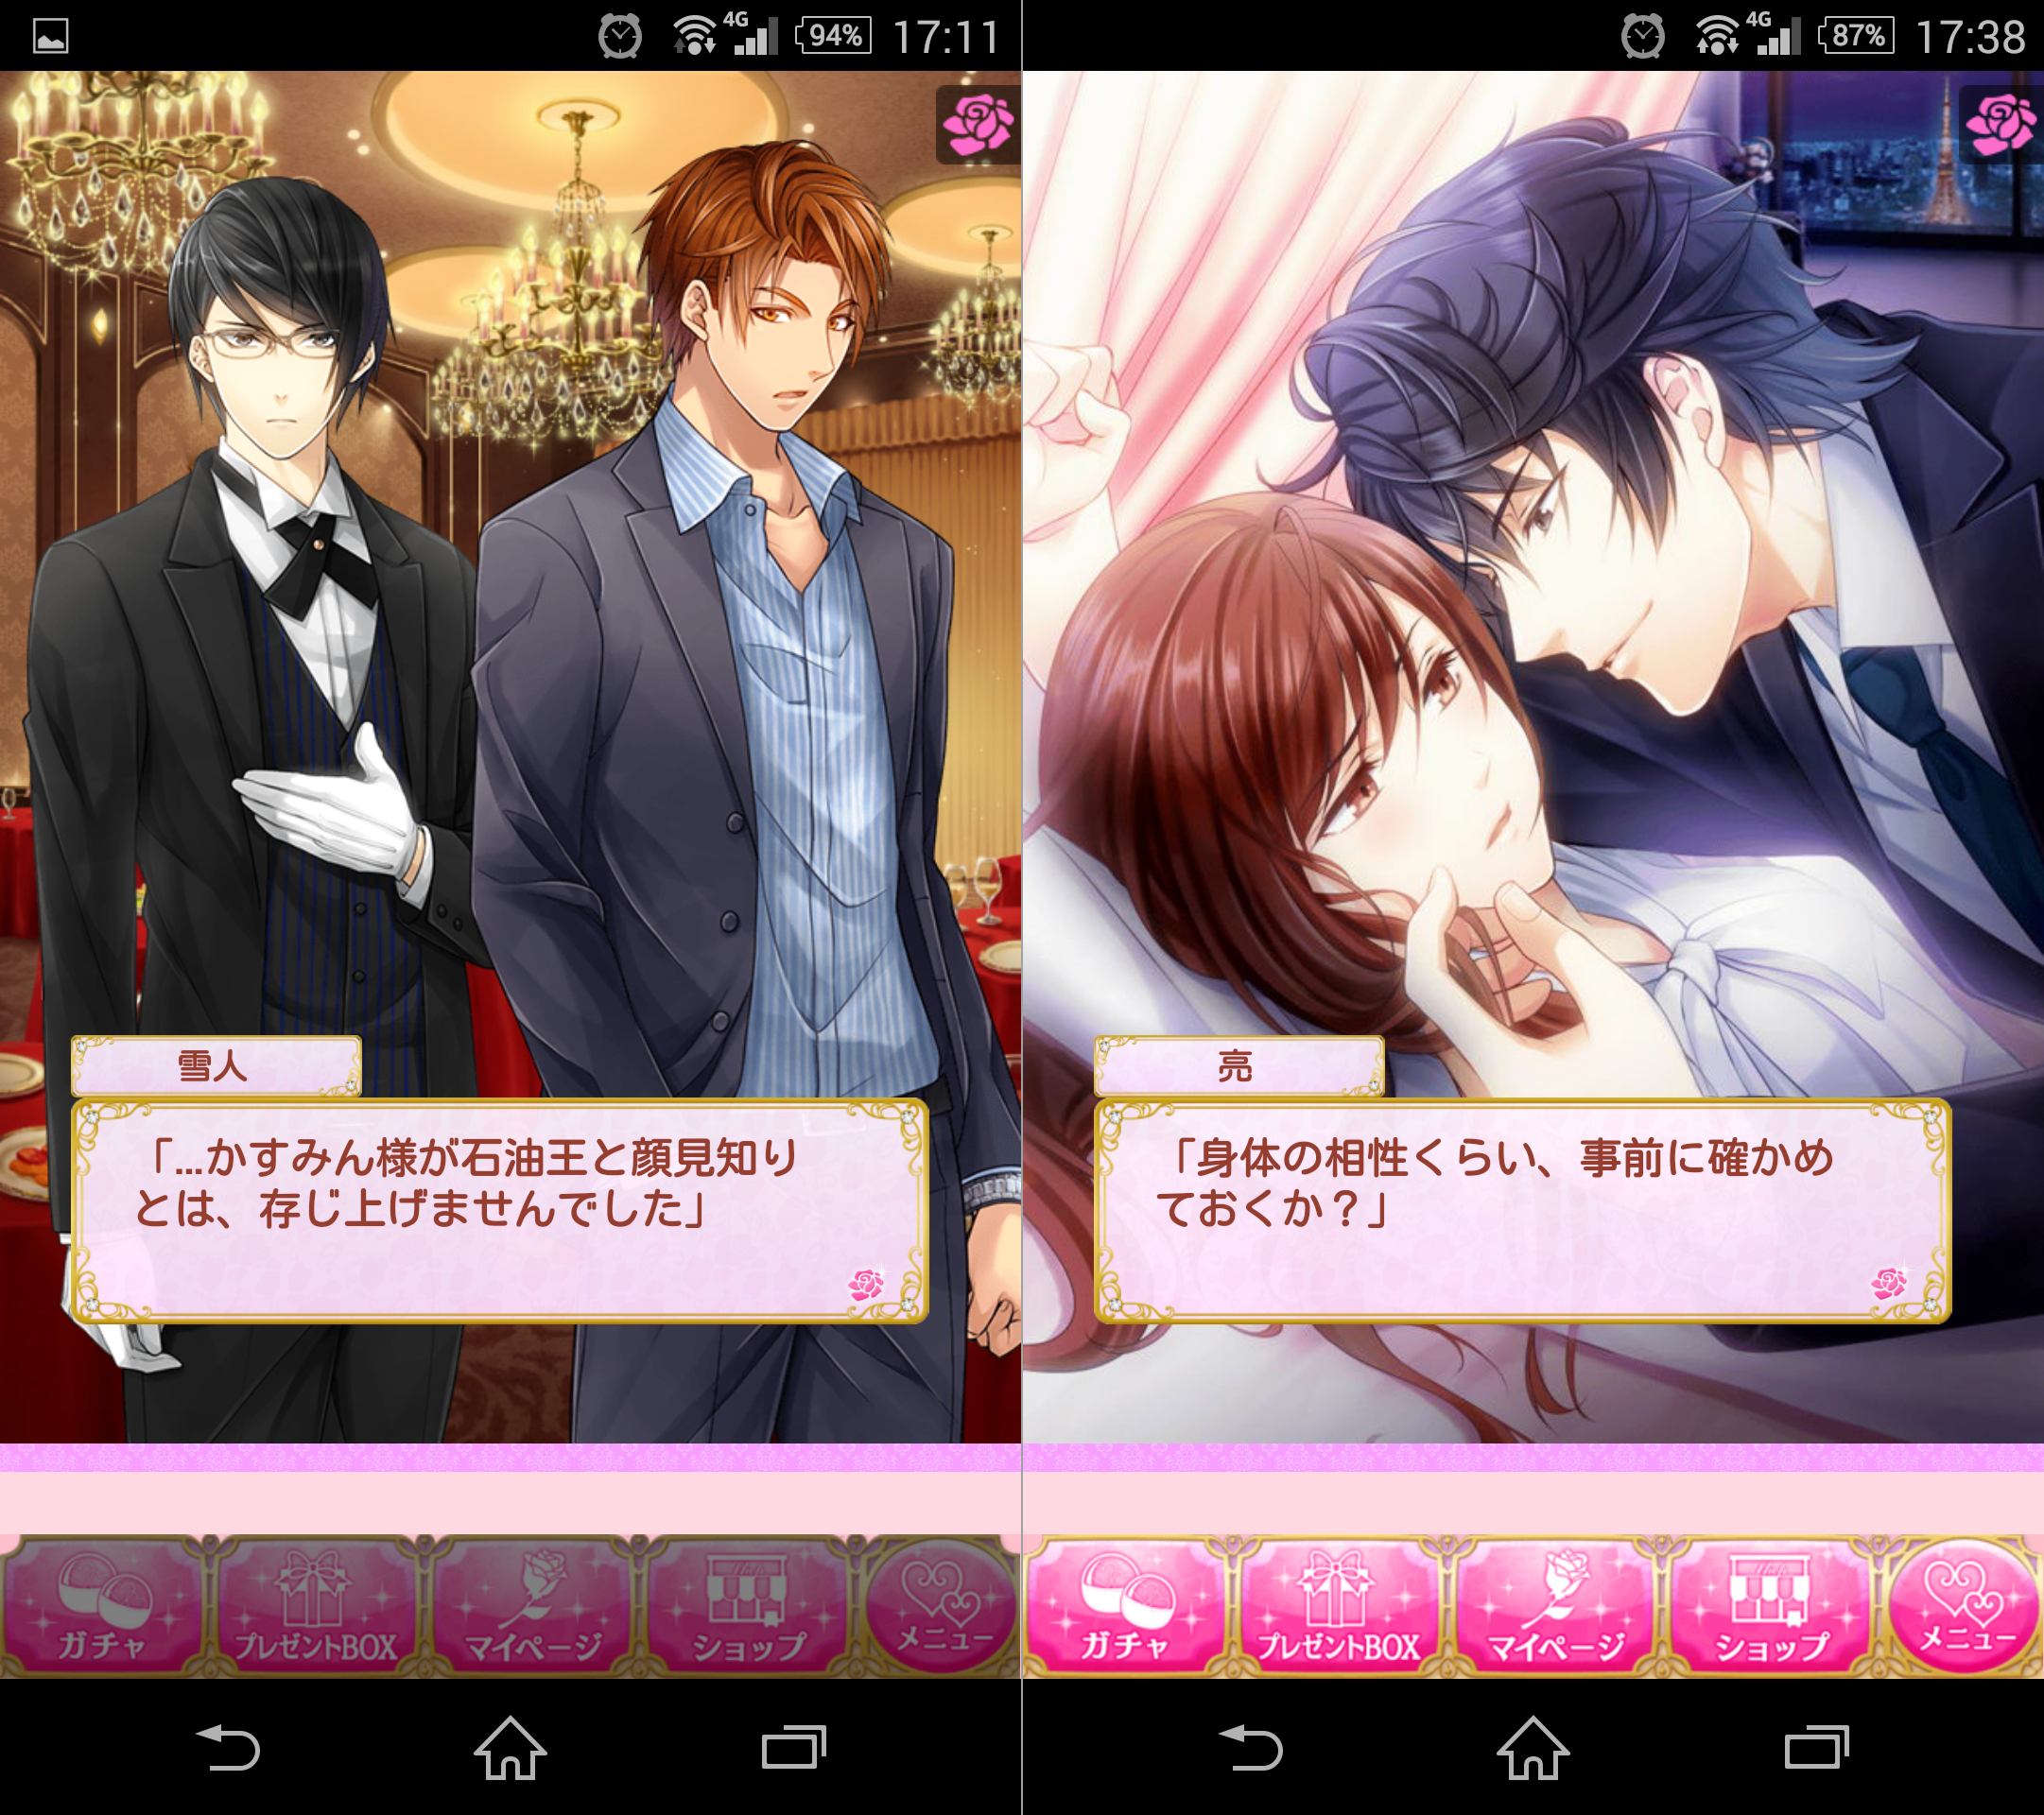 セレブ的 贅沢恋愛 スイートルームの眠り姫 androidアプリスクリーンショット1